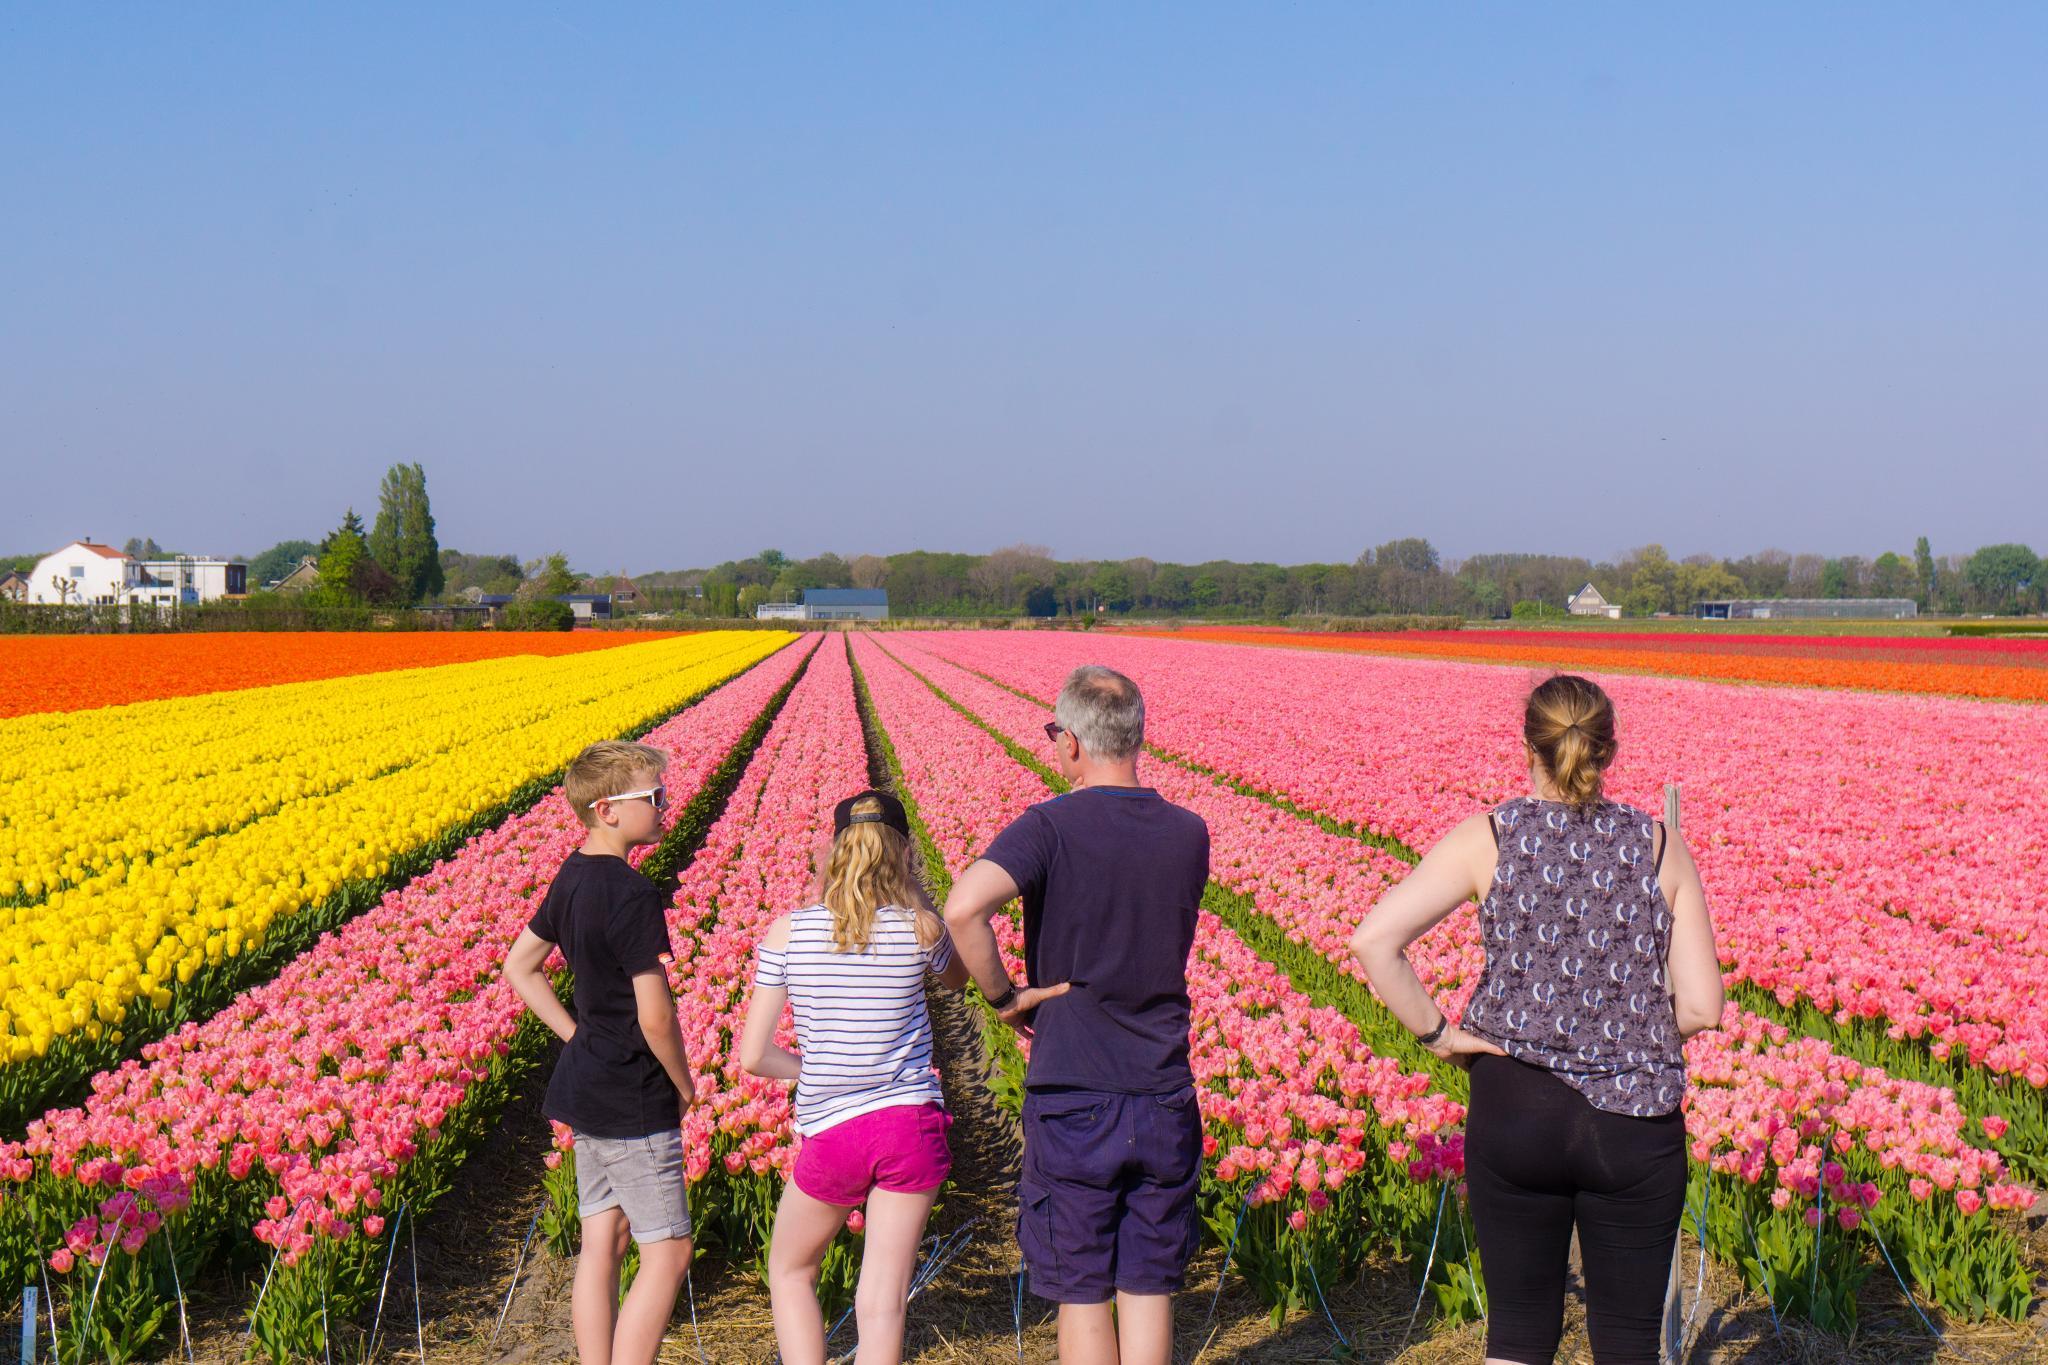 【荷蘭印象】花田嬉事:荷蘭單車花之路 49